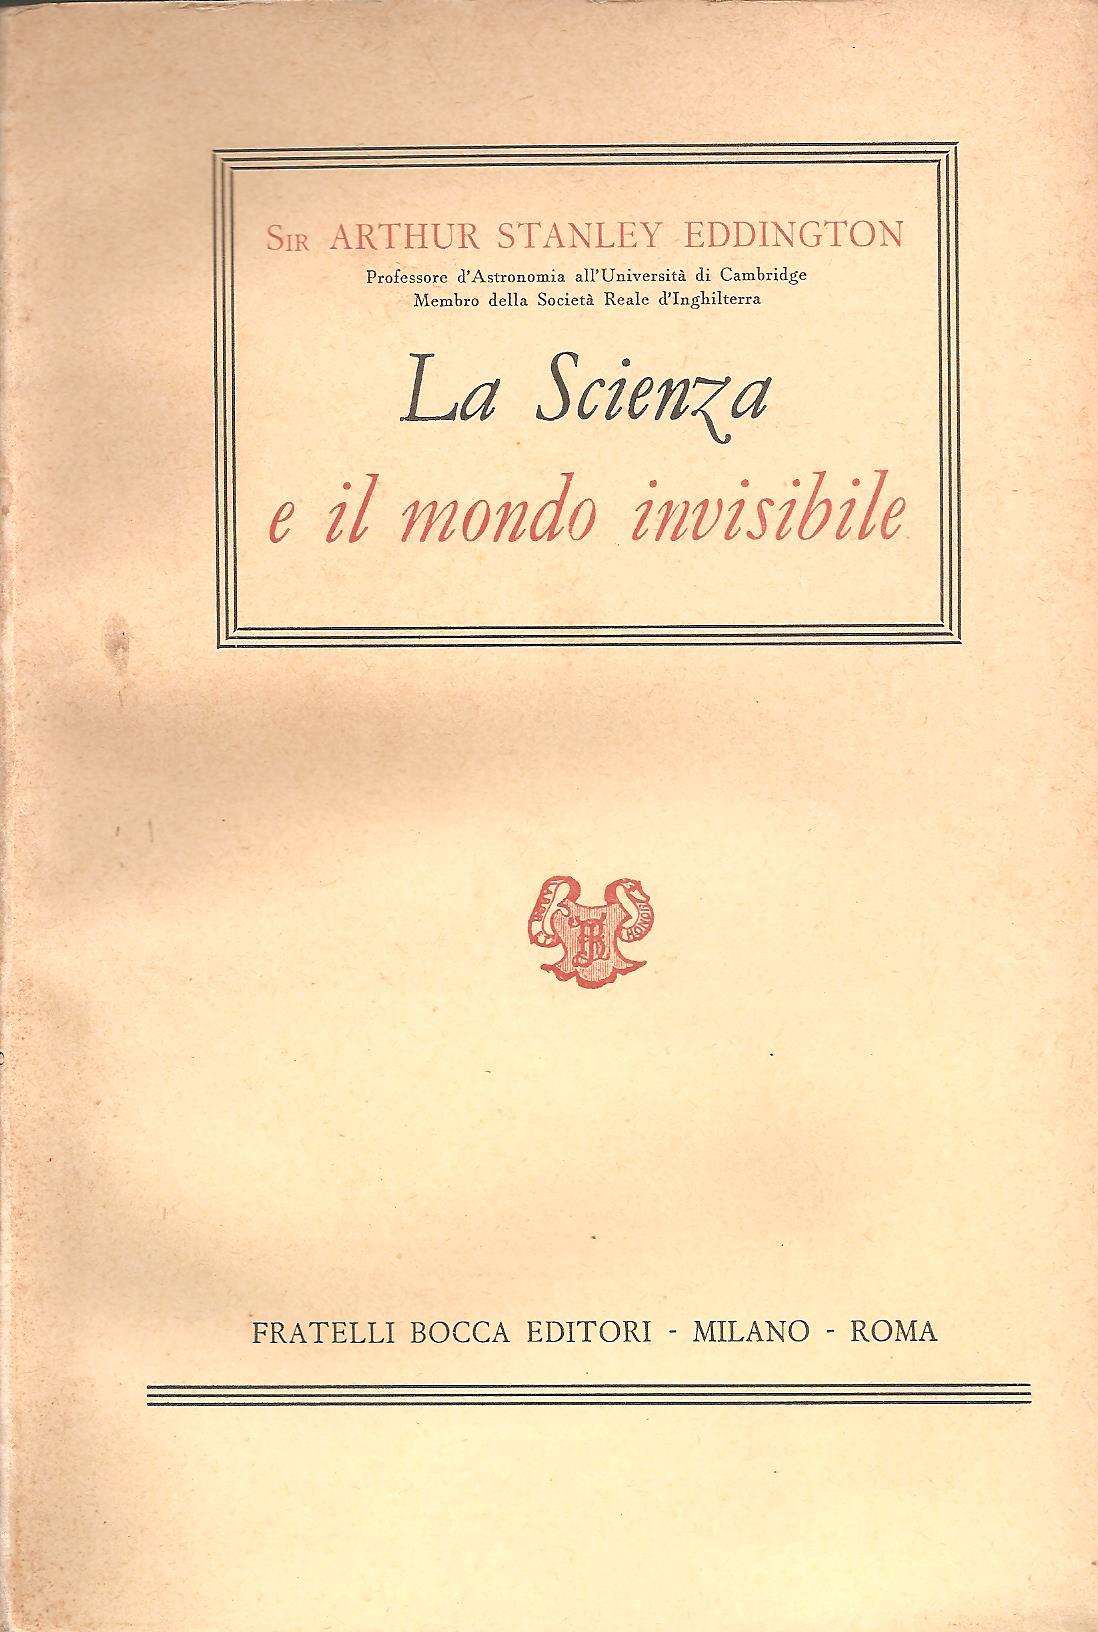 La scienza e il mondo invisibile